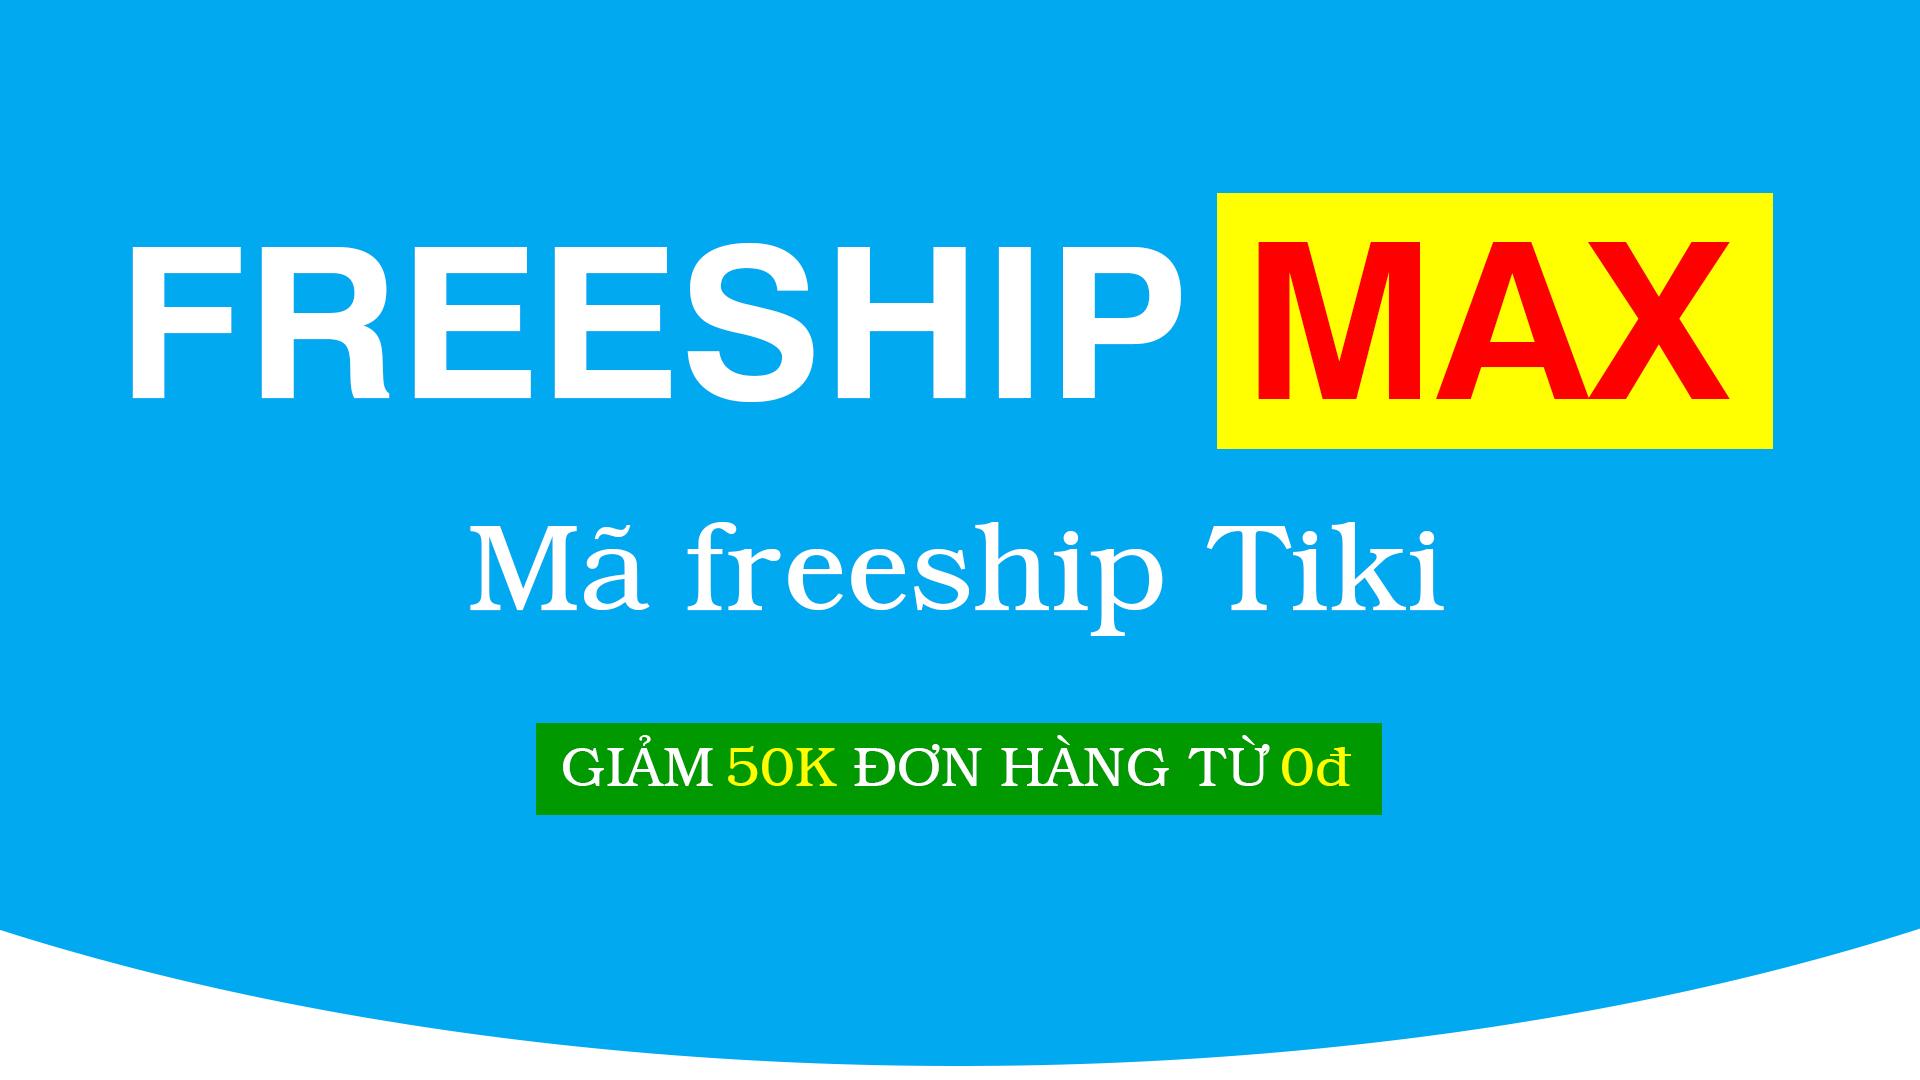 Mã Freeship Max Tiki là gì? mã giảm giá vận chuyển Tiki FreeshipMax